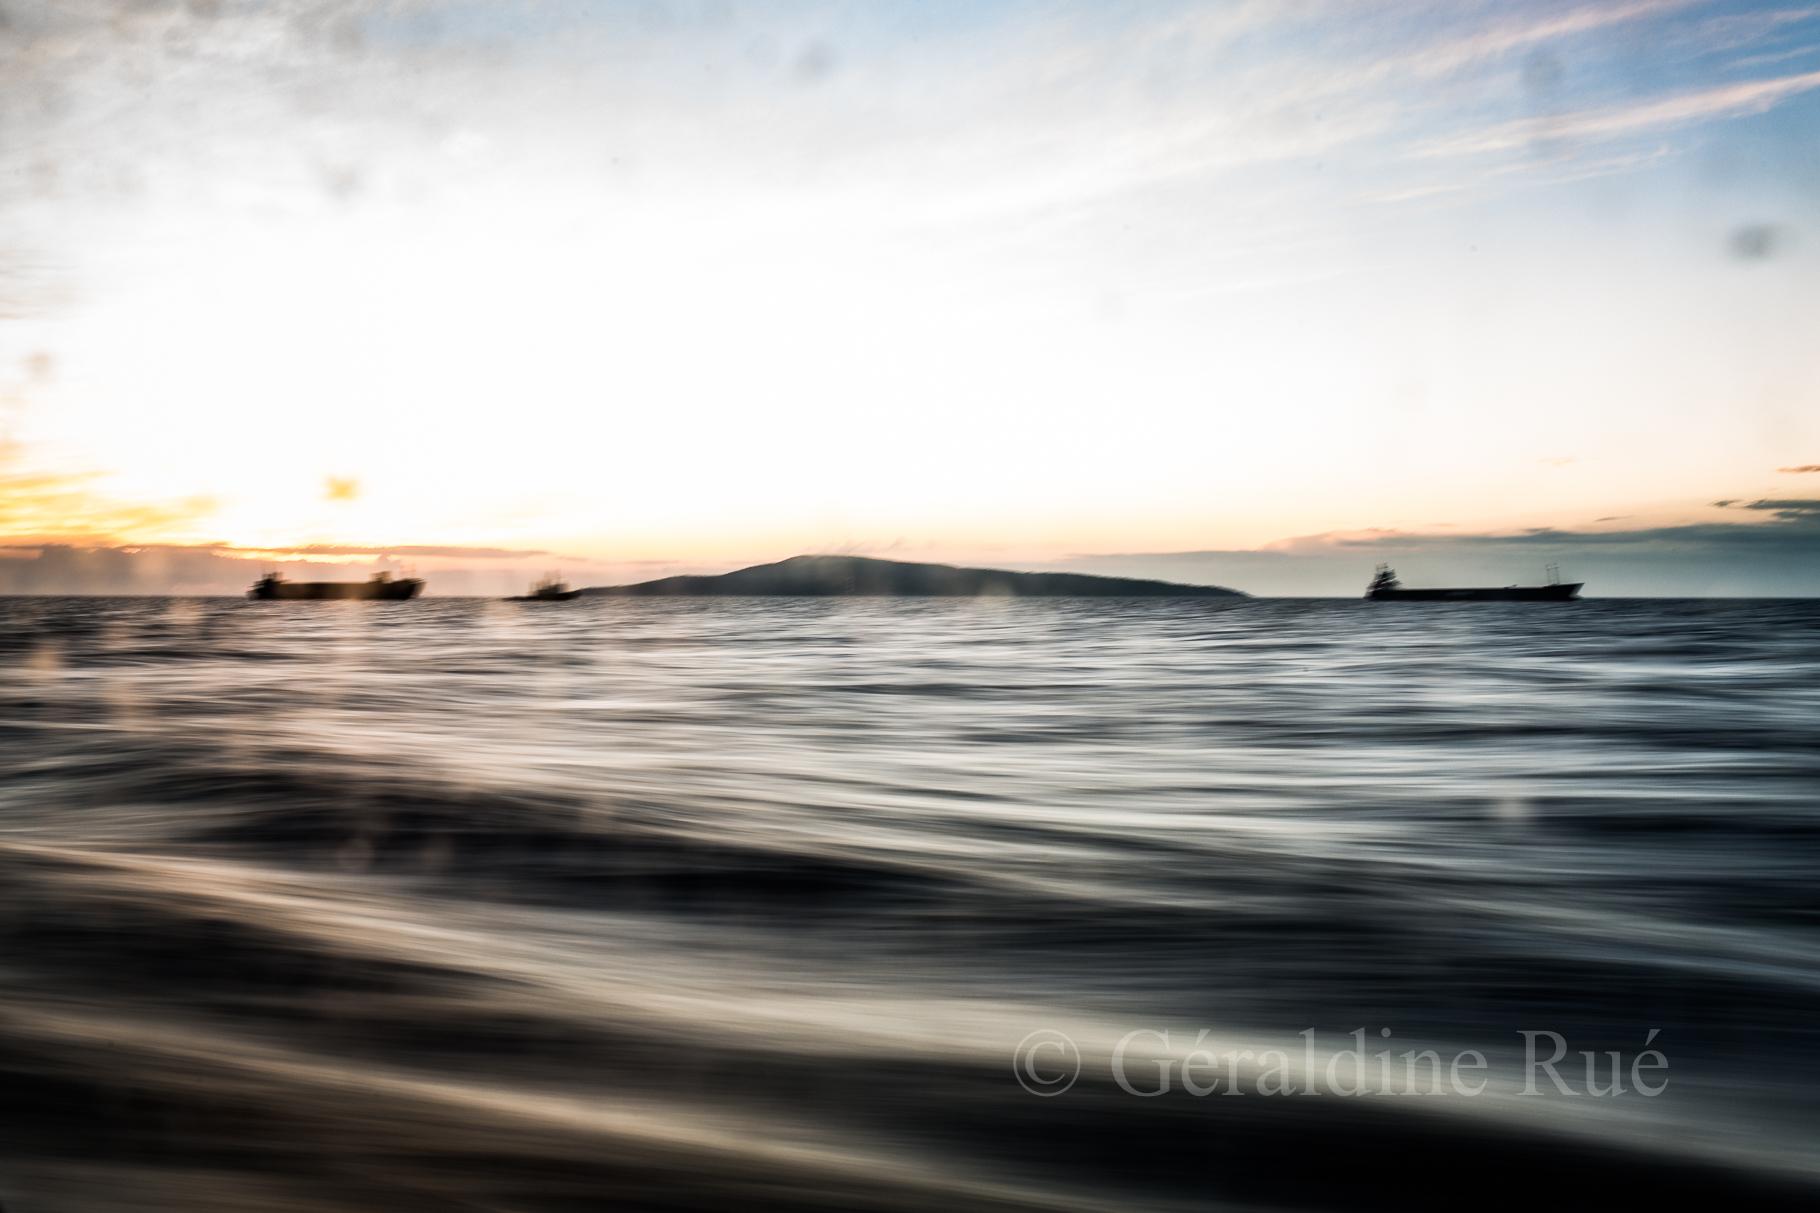 Croisière baltique3469© Géraldine Rué